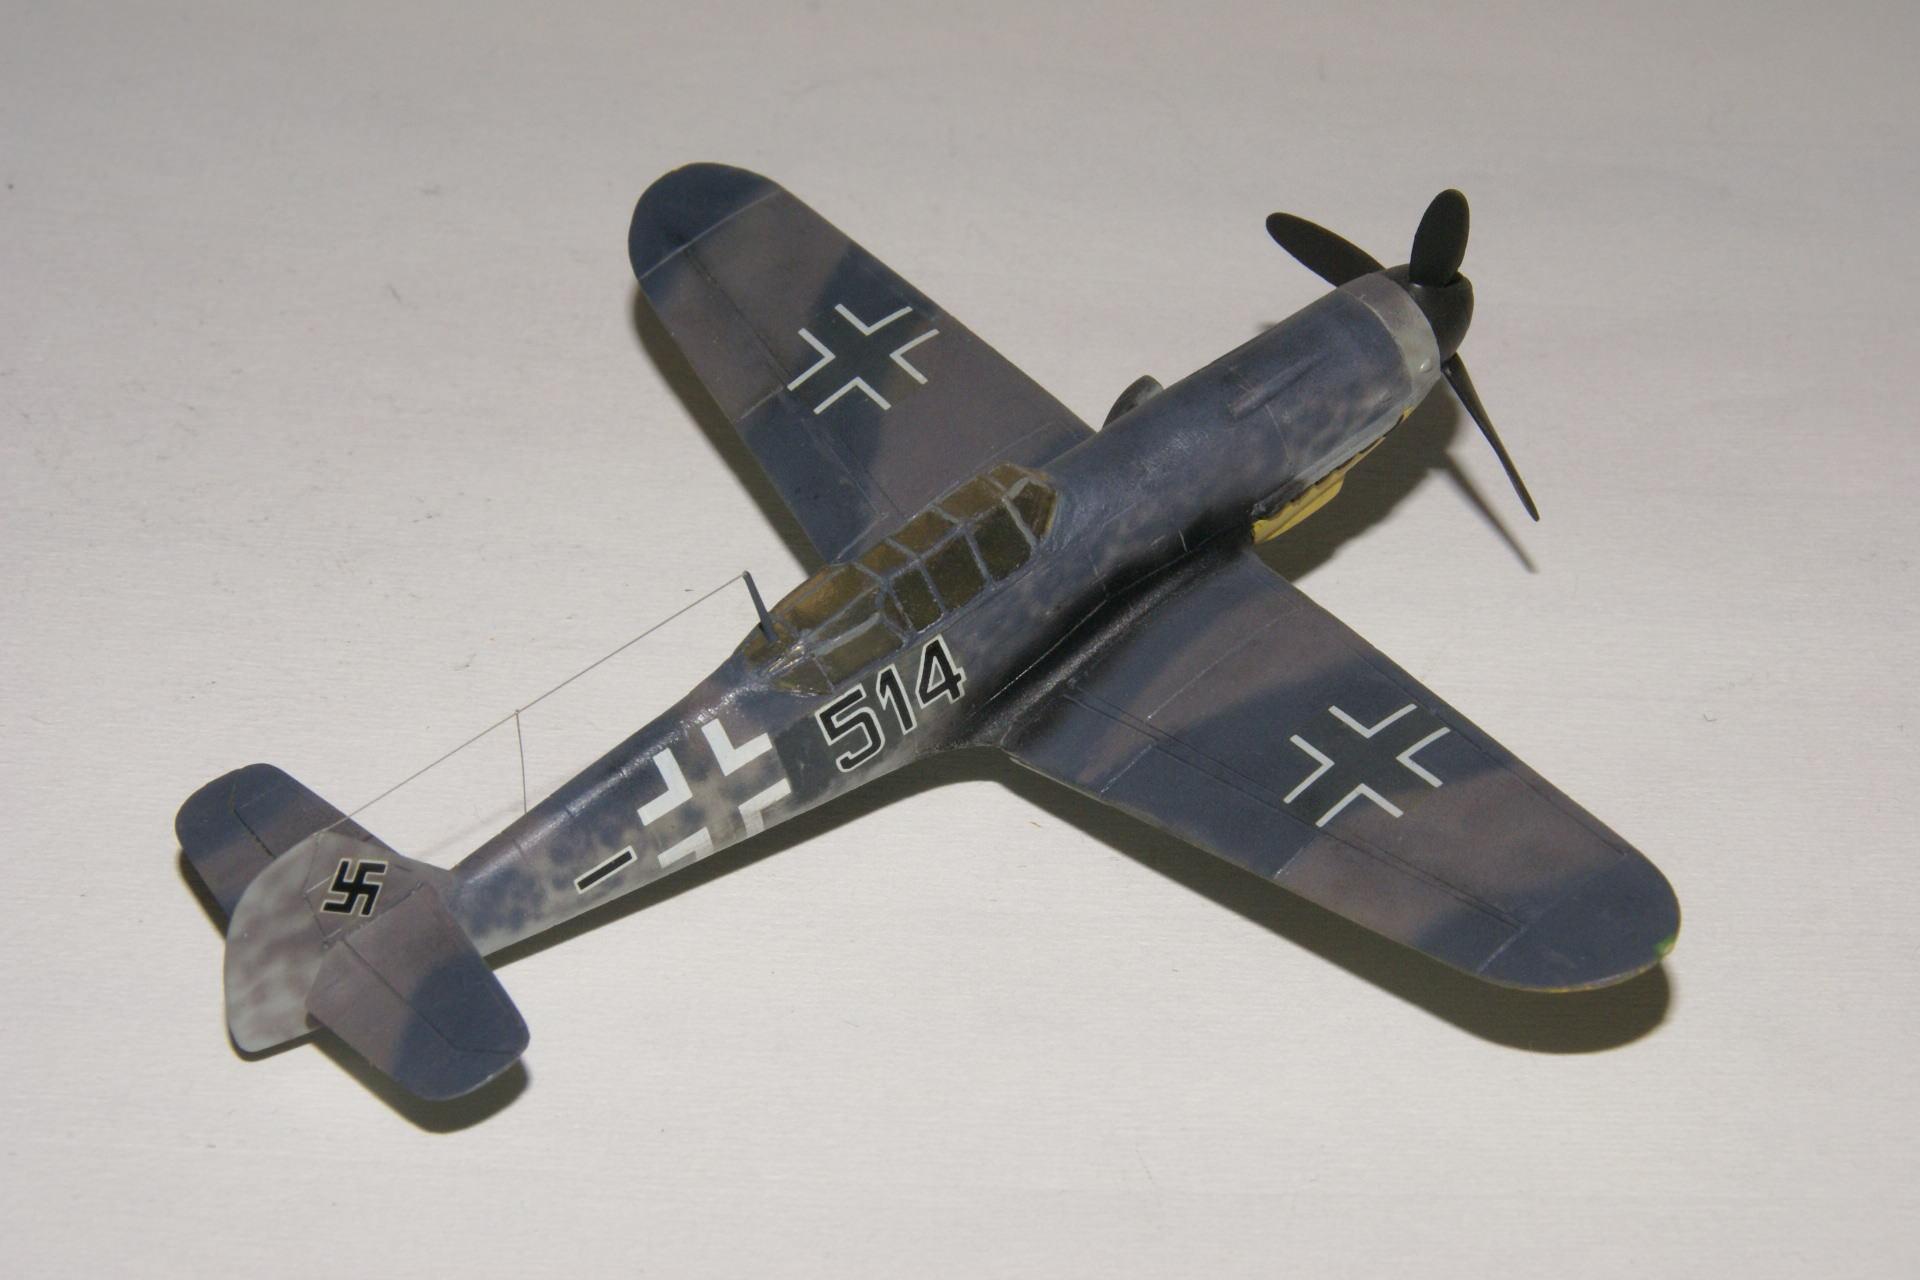 Messerschmitt 109g 12 3